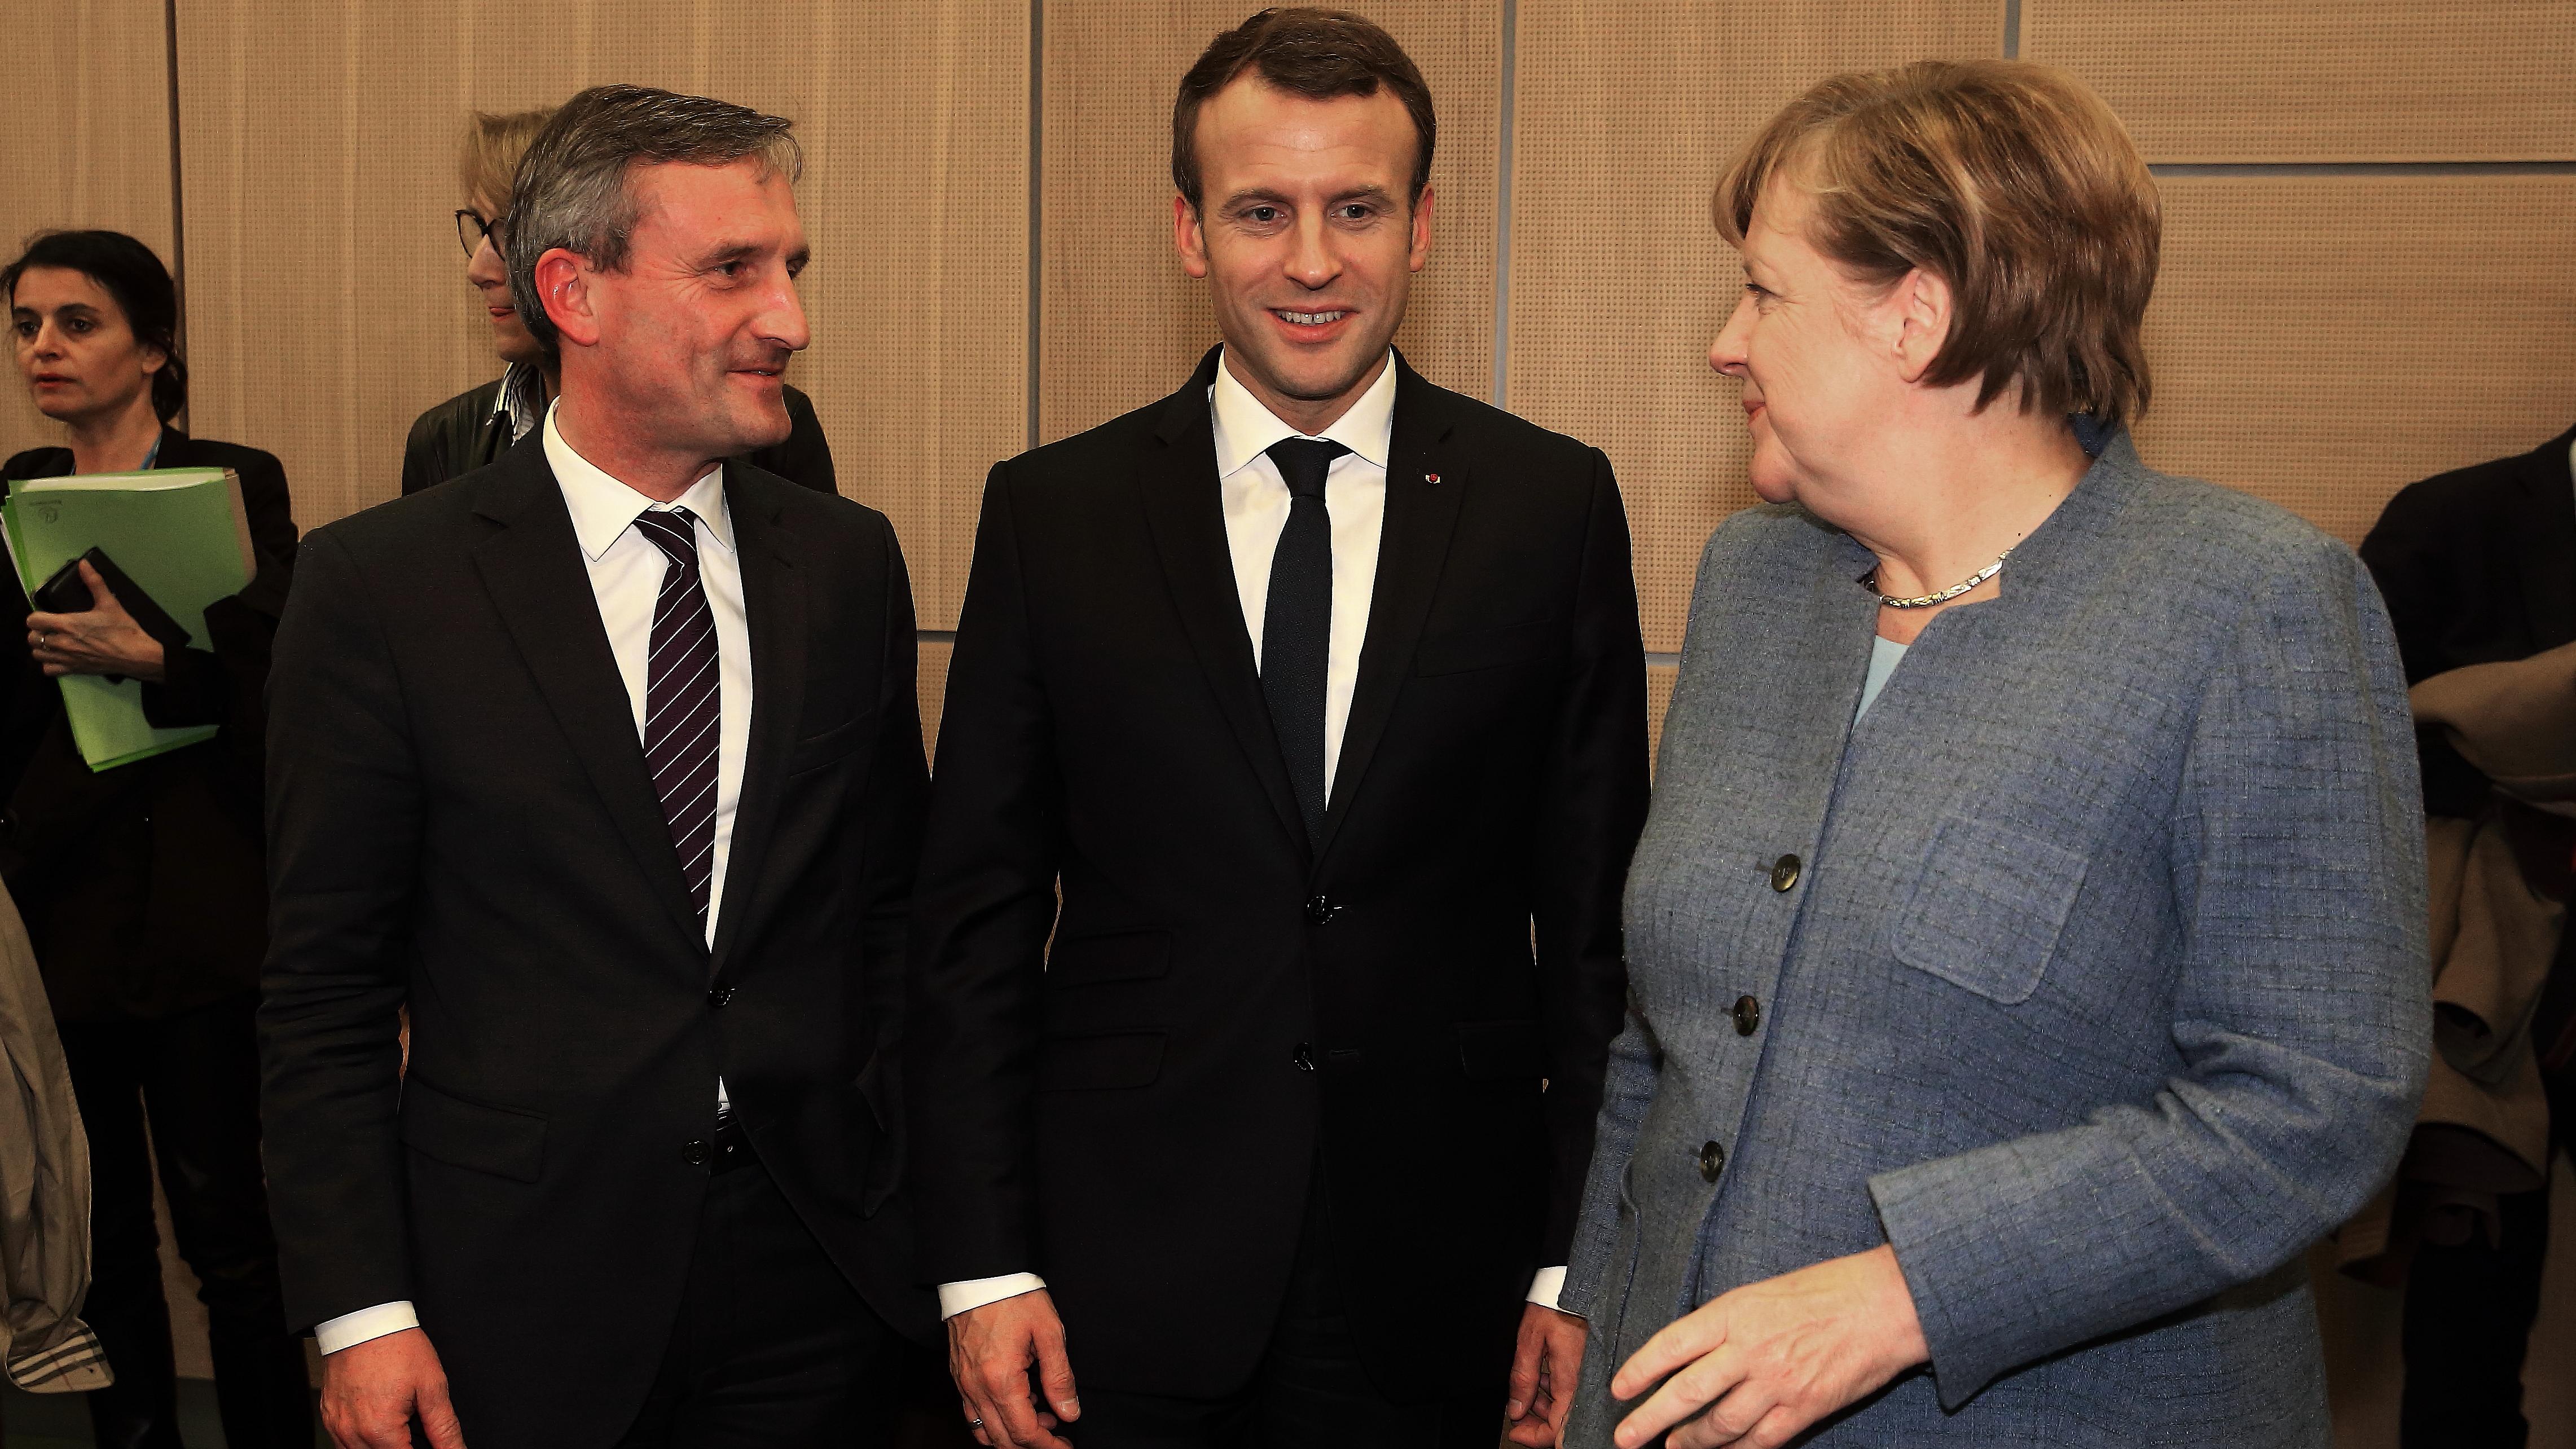 Düsseldorfs Oberbürgermeister Thomas Geisel Traf In Bonn Mit Frankreichs Staatspräsident Emmanuel Macron Und Bundeskanzlerin Angela Merkel Zusammen (Foto: Landeshauptstadt Düsseldorf)